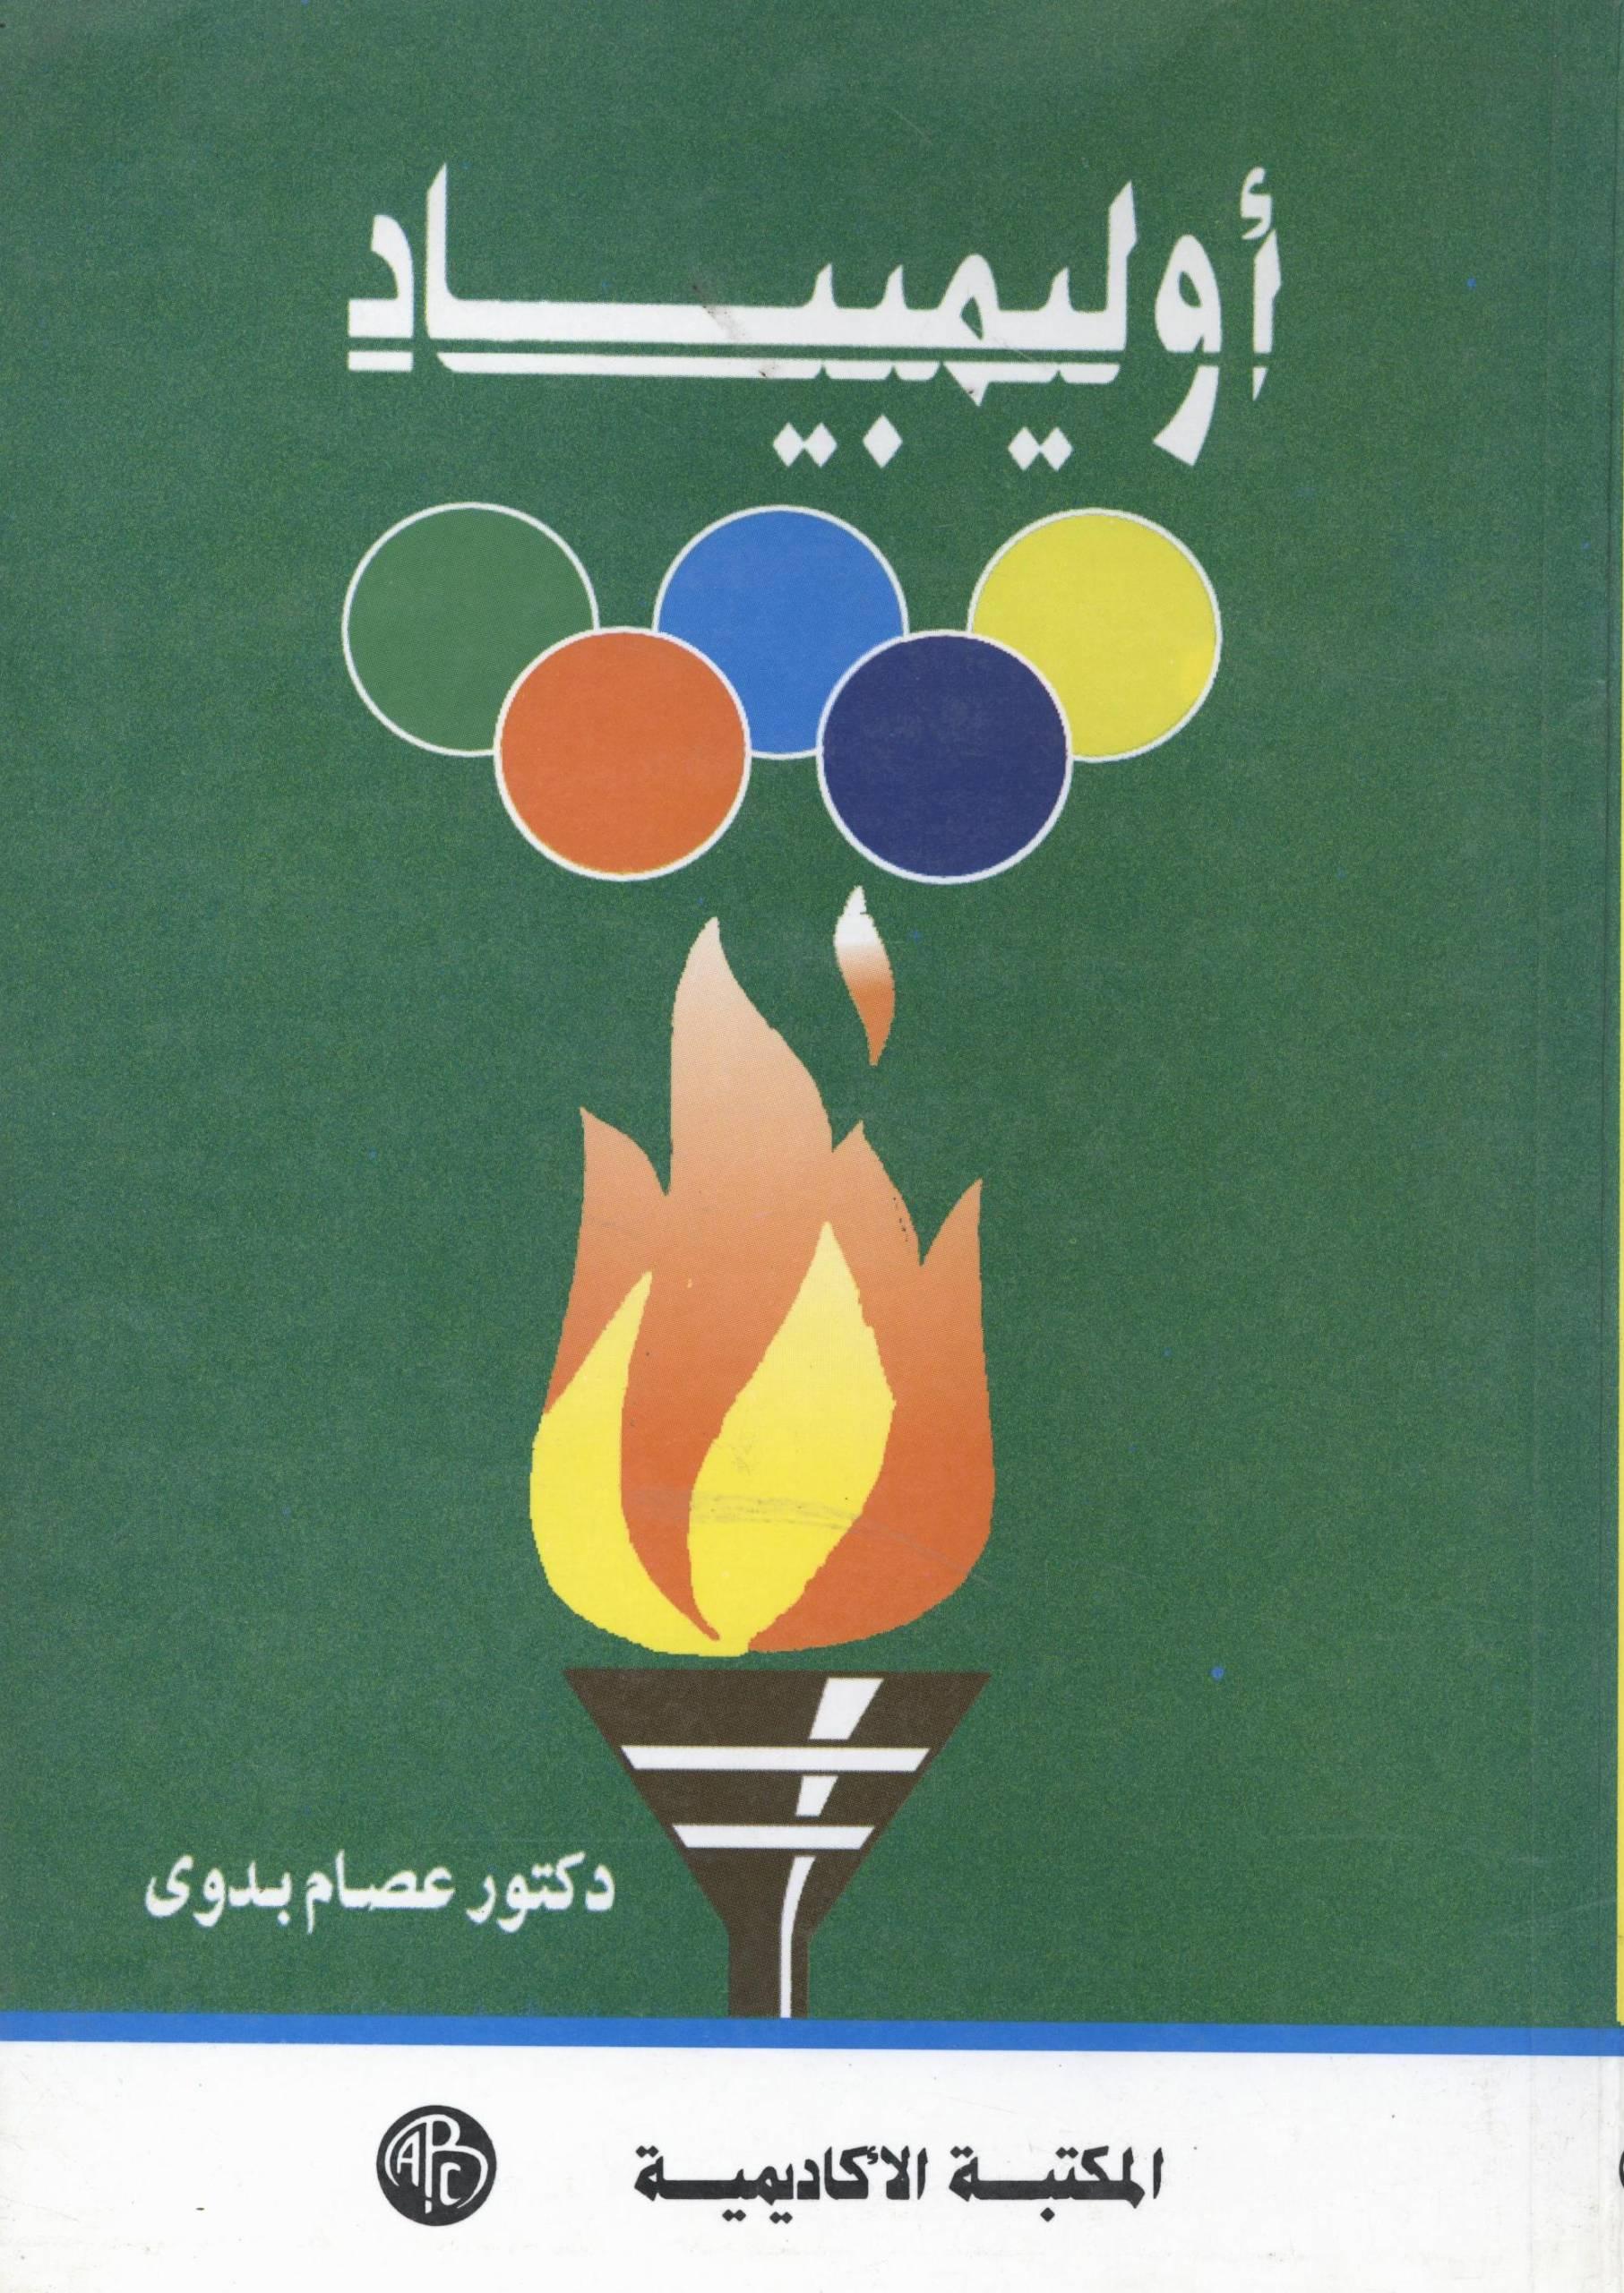 أوليمبياد